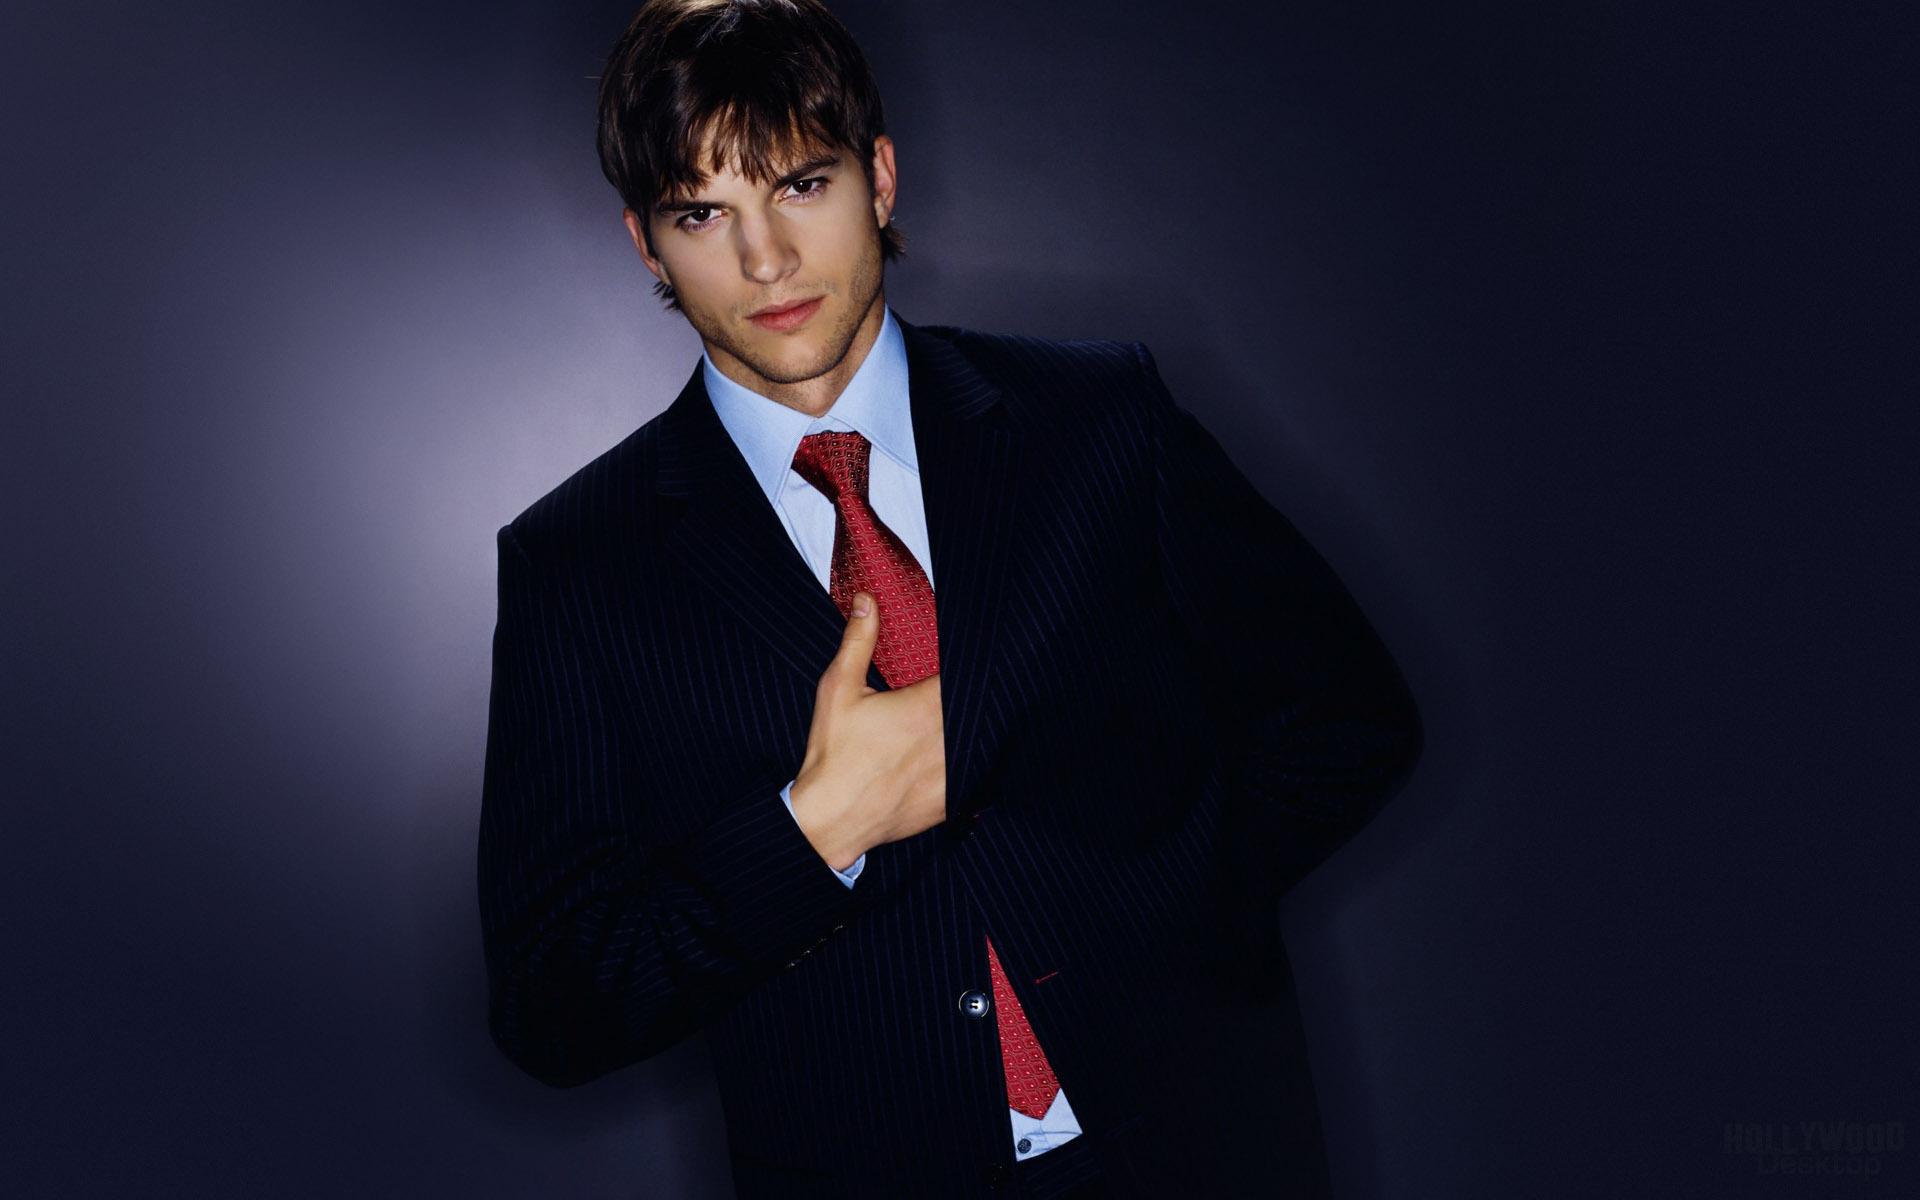 Ashton Kutcher   Ashton Kutcher Wallpaper 9942630 1920x1200